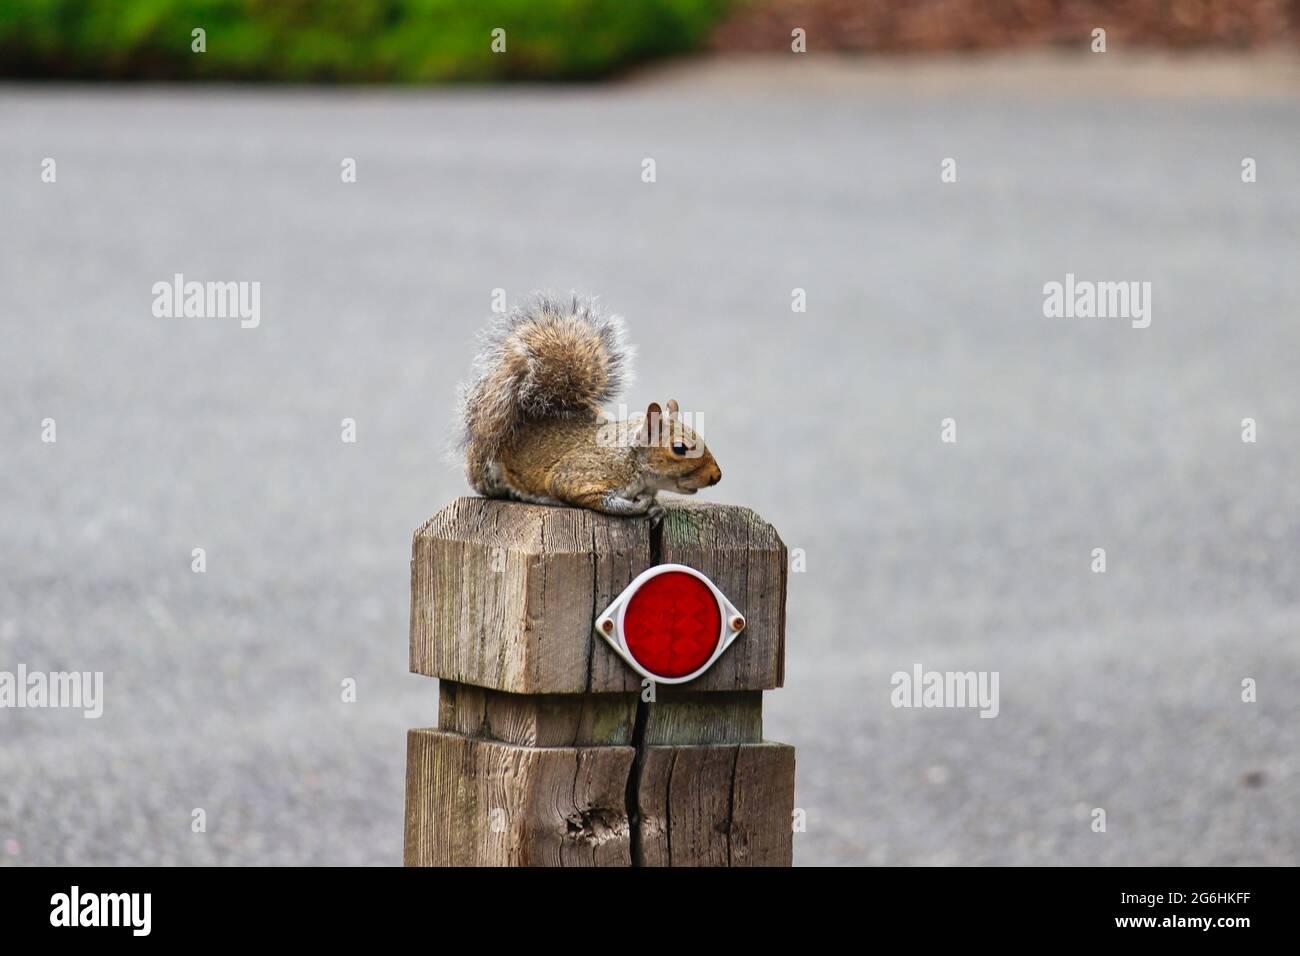 Ardilla gris oriental sentada en un poste Foto de stock